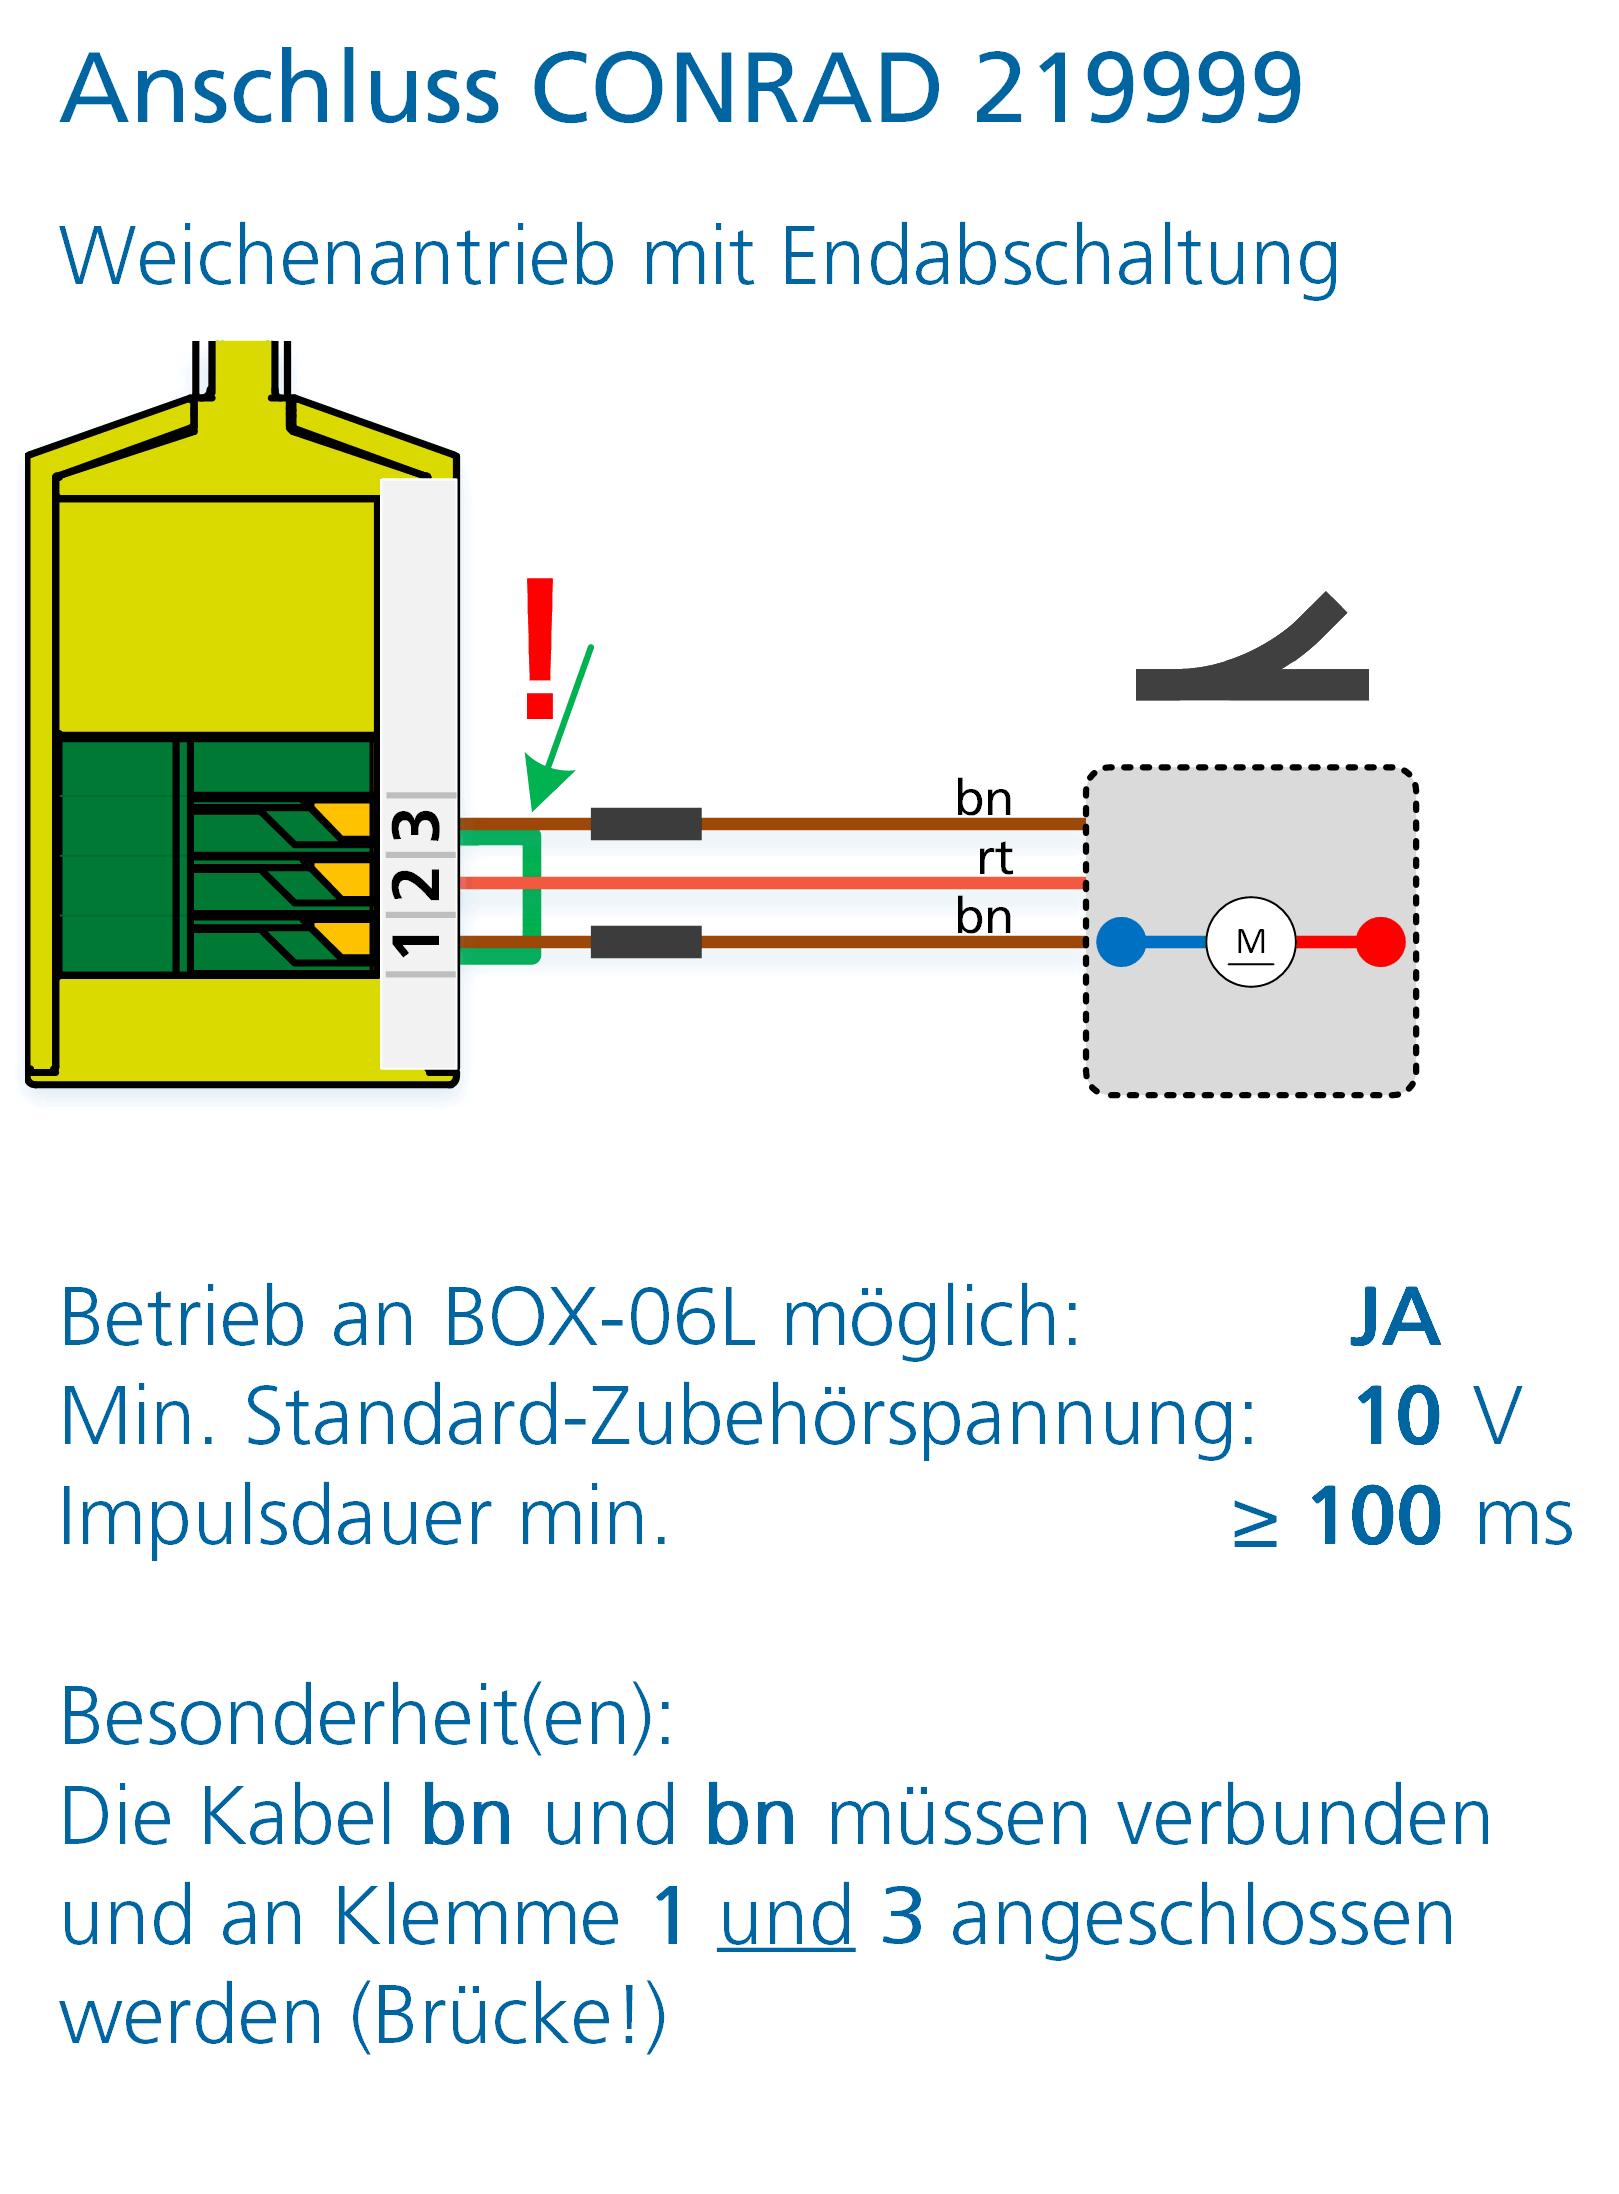 ALAN Adapter BRIDGE-03L Artikel-Nummer 18032 Anschlussbeispiel Conrad Weichenantrieb 219999